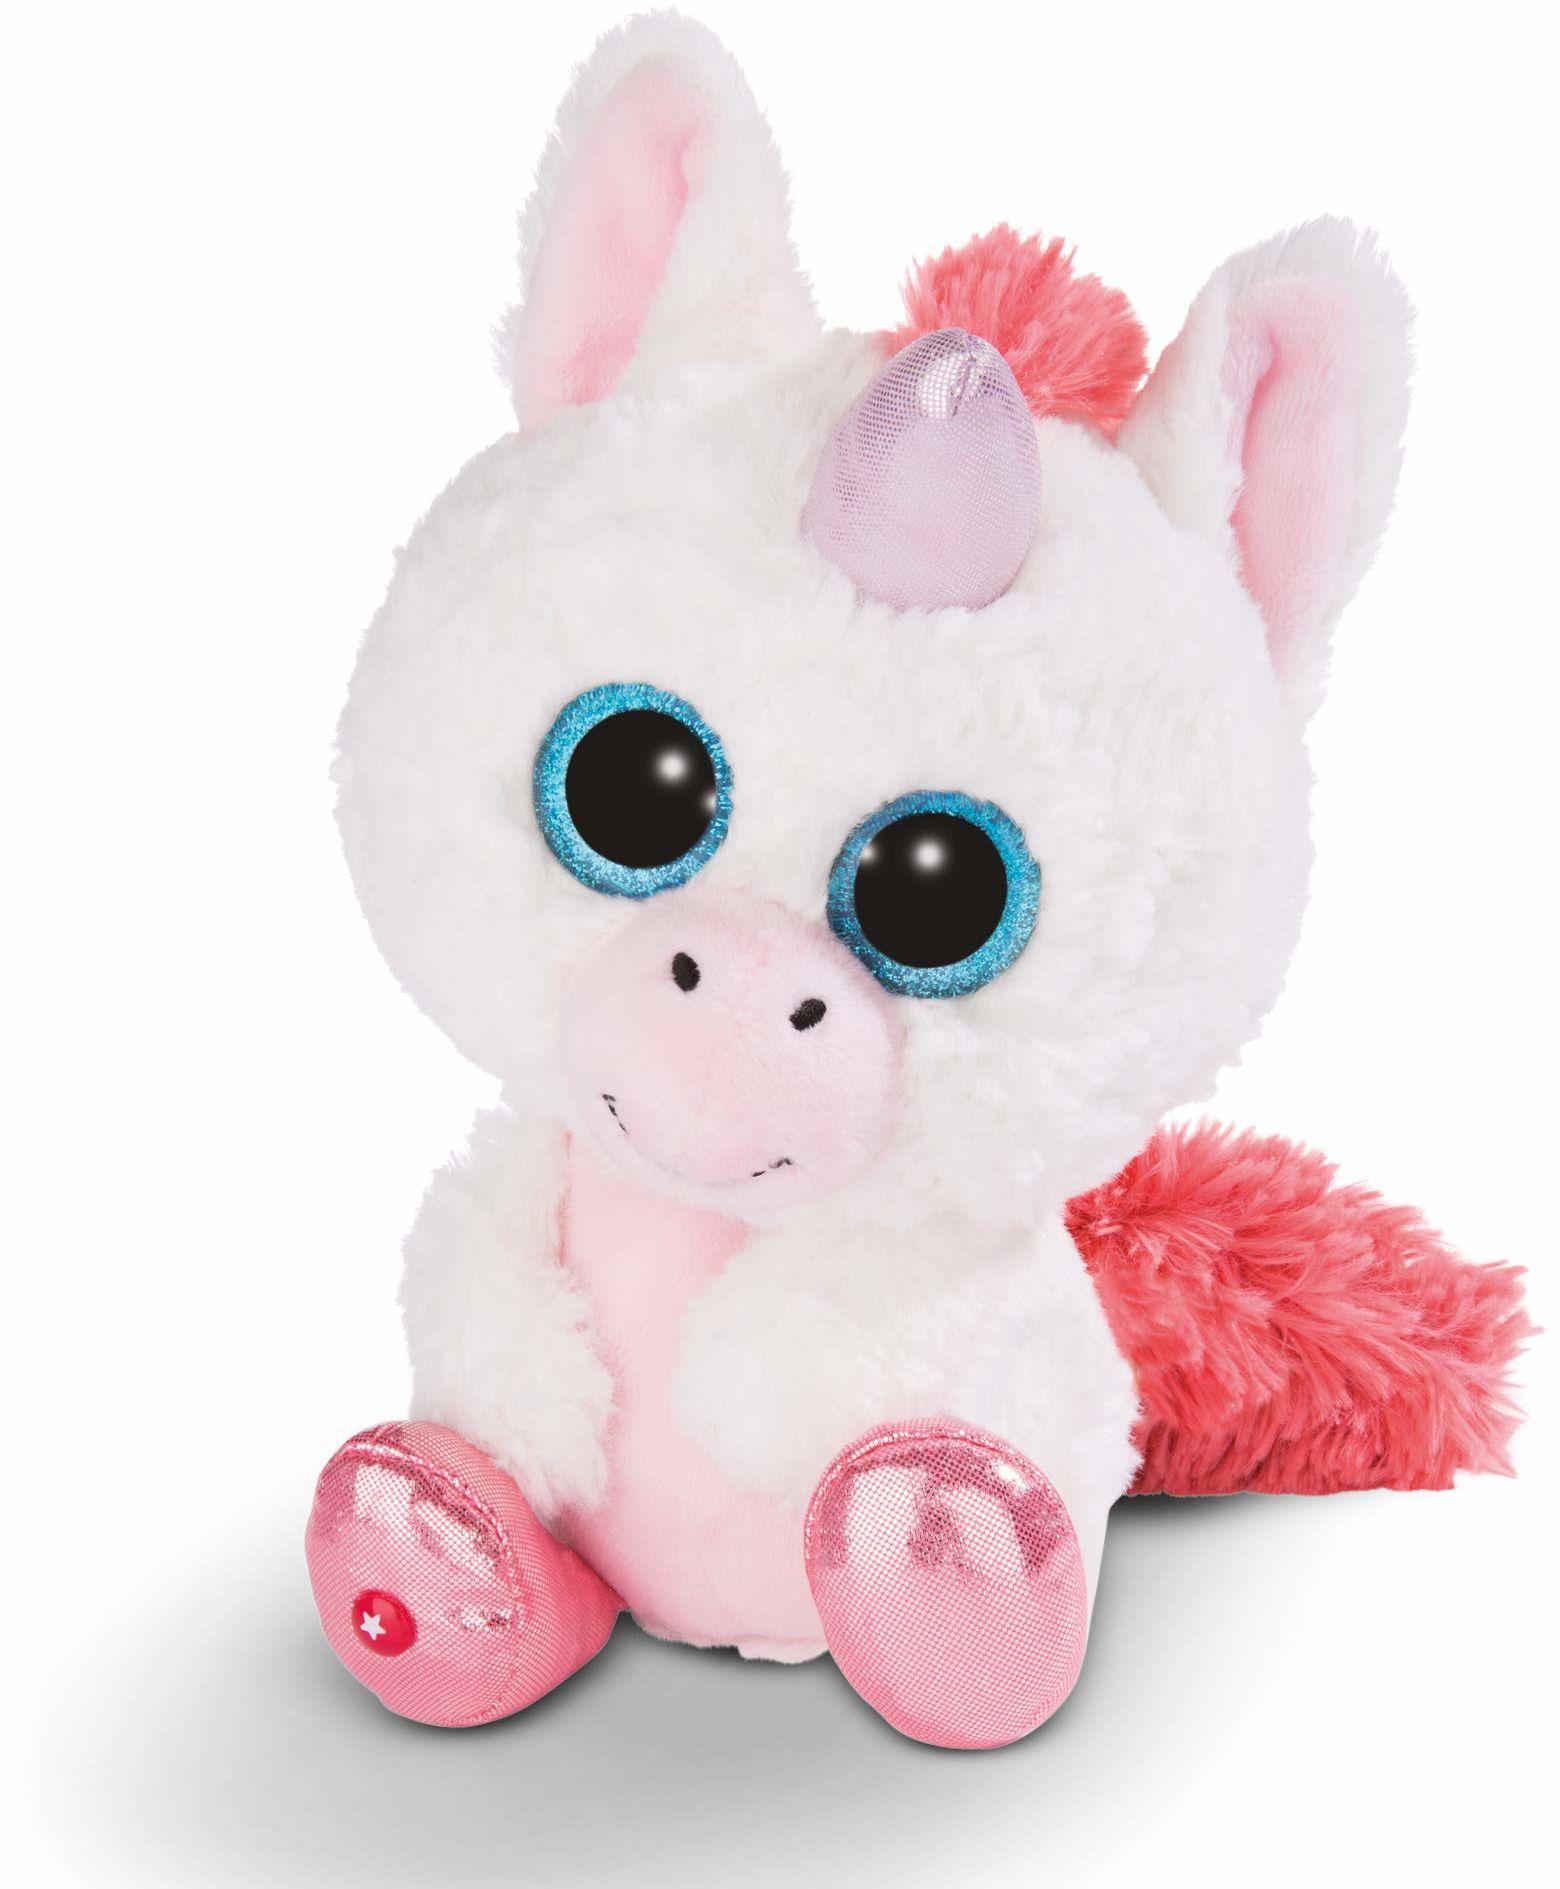 NICI 45571 GLUBSCHIS przytulanka zabawka jednorożec mleczna opłata 25 cm